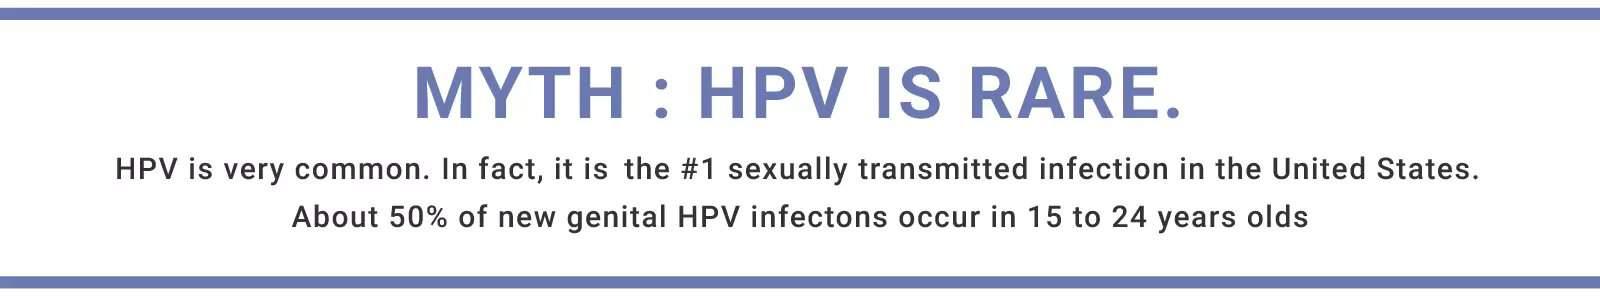 HPV Myth